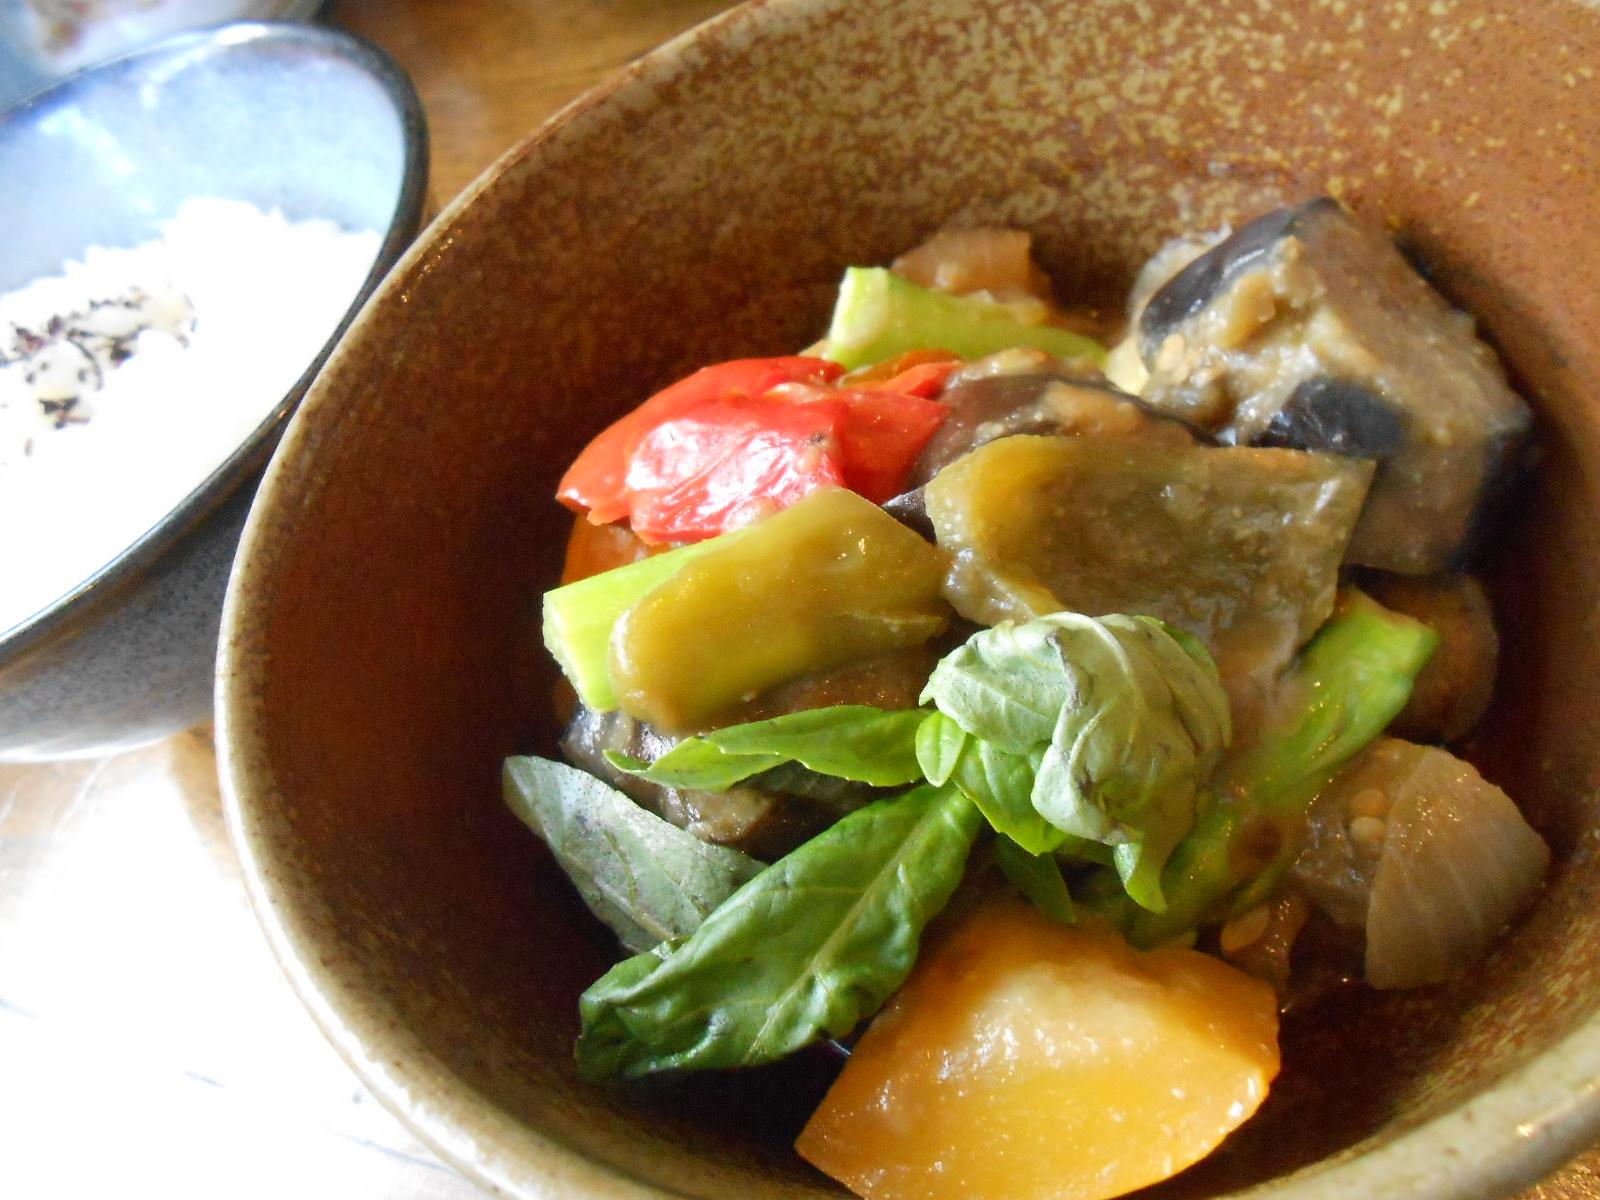 居心地最高!体喜ぶ野菜たっぷりのカフェランチを甲東園「カルメリ」で♪